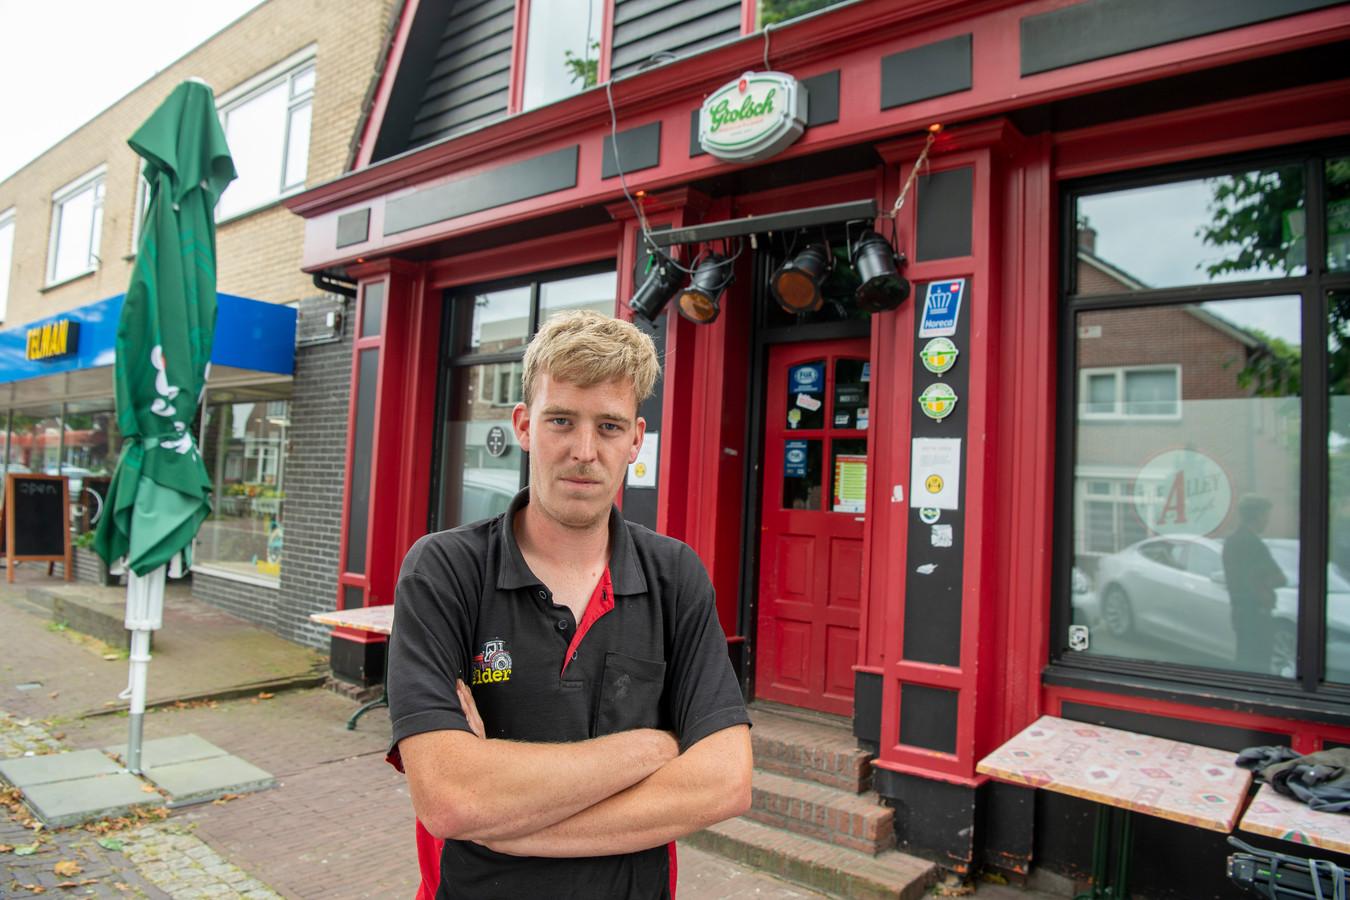 """Gerwin Nijmeijer, voor zijn café The Alley in Gramsbergen, dat voorlopig gesloten blijft. De uitbater neemt een opgelegde dwangsom nadat coronaregels zouden zijn overschreden serieus. ,,Dan los ik het liever zelf op. Zo dus."""""""